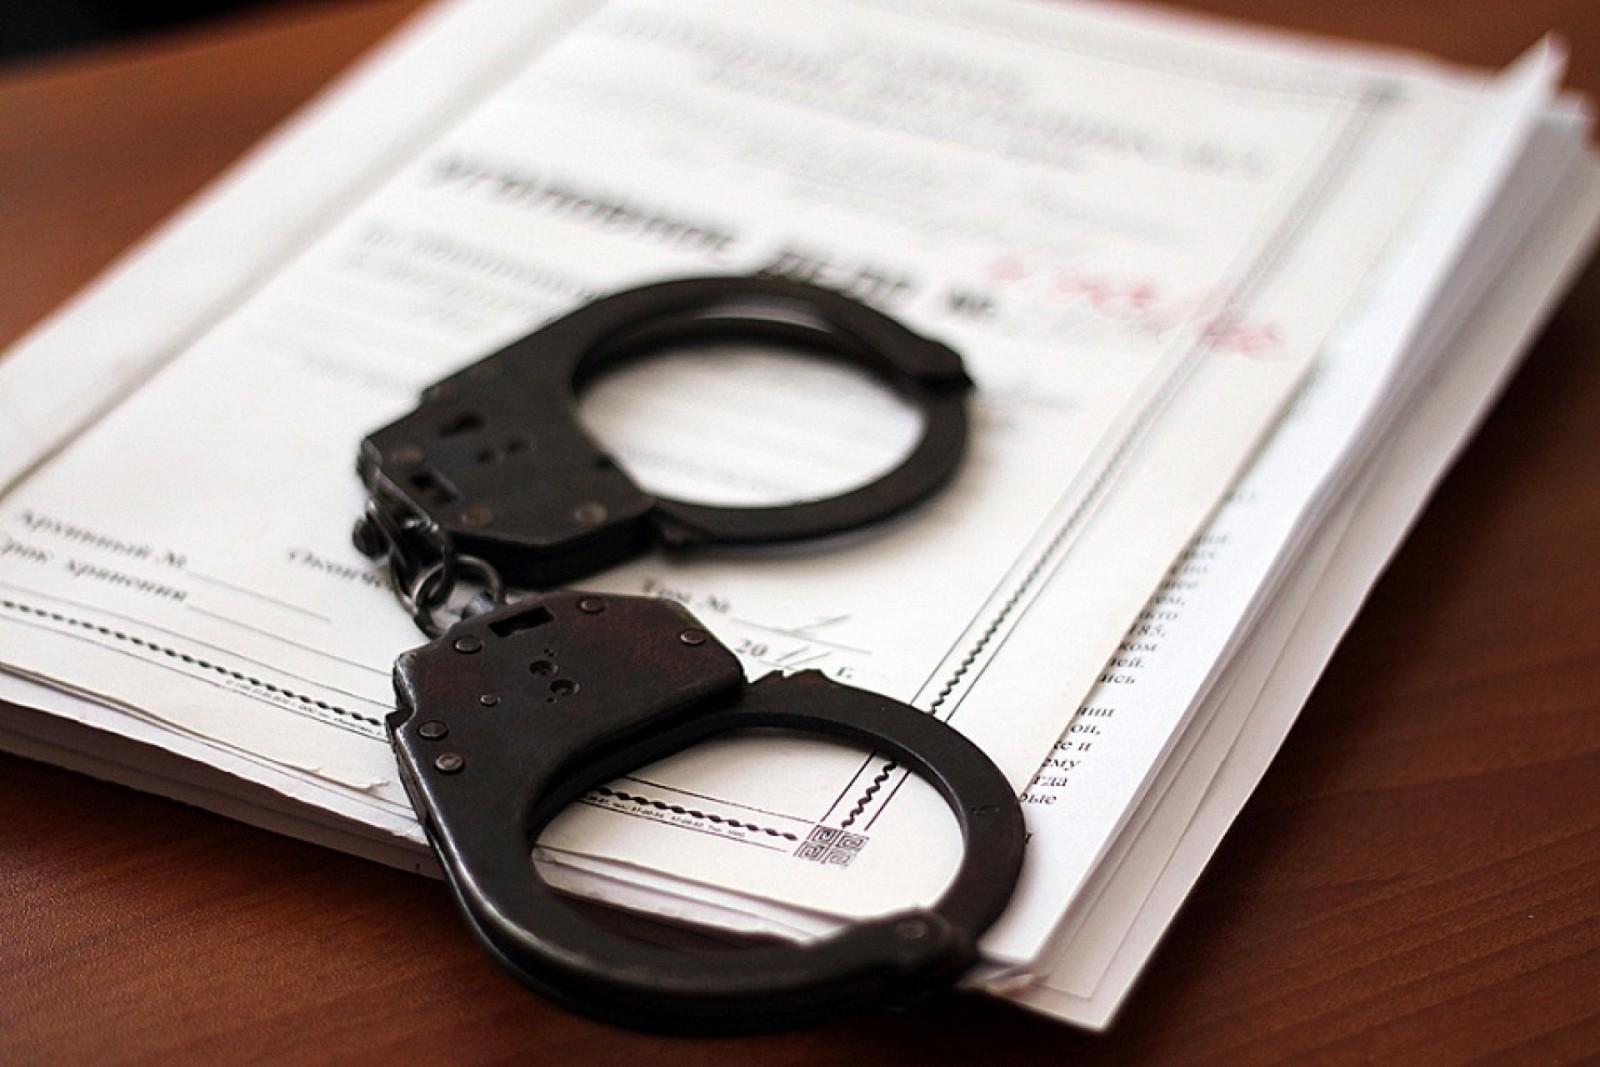 В отношении депутата Народного Хурала выявлен ещё один эпизод совершения преступления